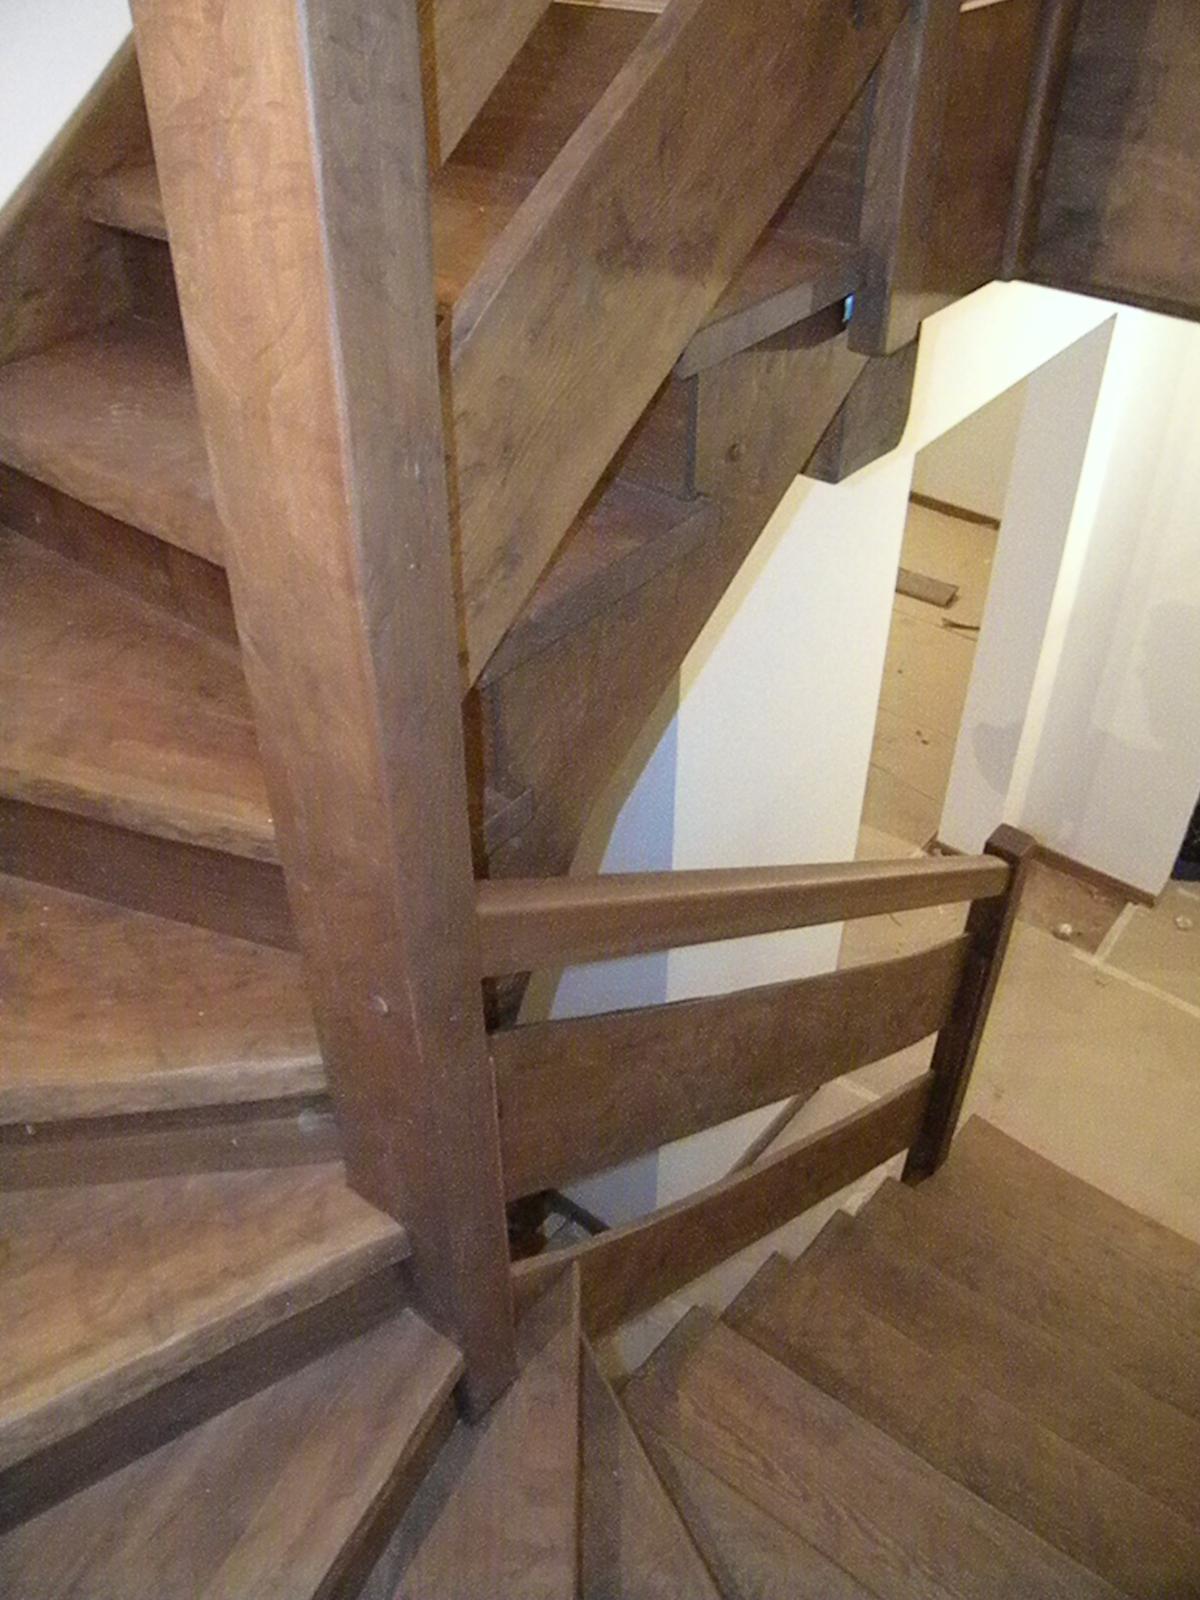 Výroba schodov, pozri môj profil - Obrázok č. 5